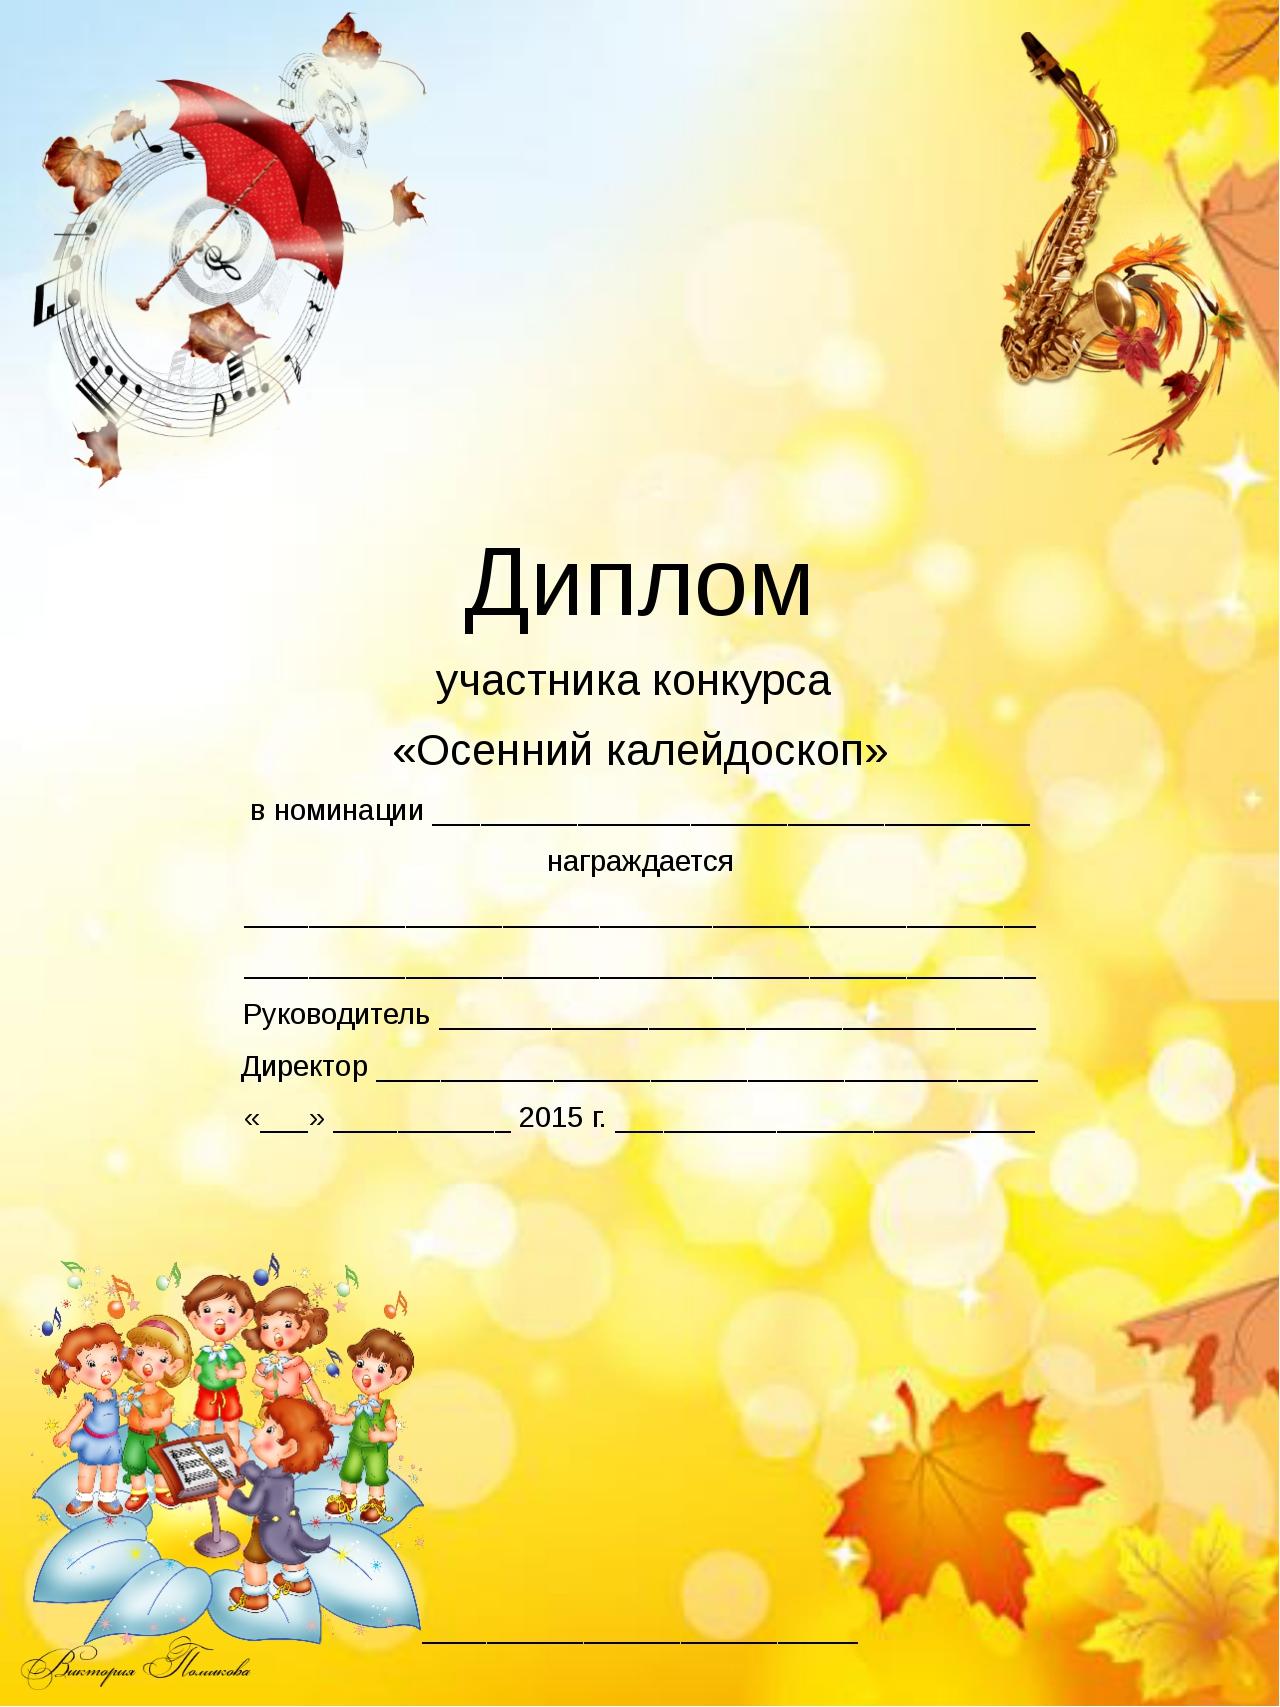 Диплом участника конкурса «Осенний калейдоскоп» в номинации _________________...